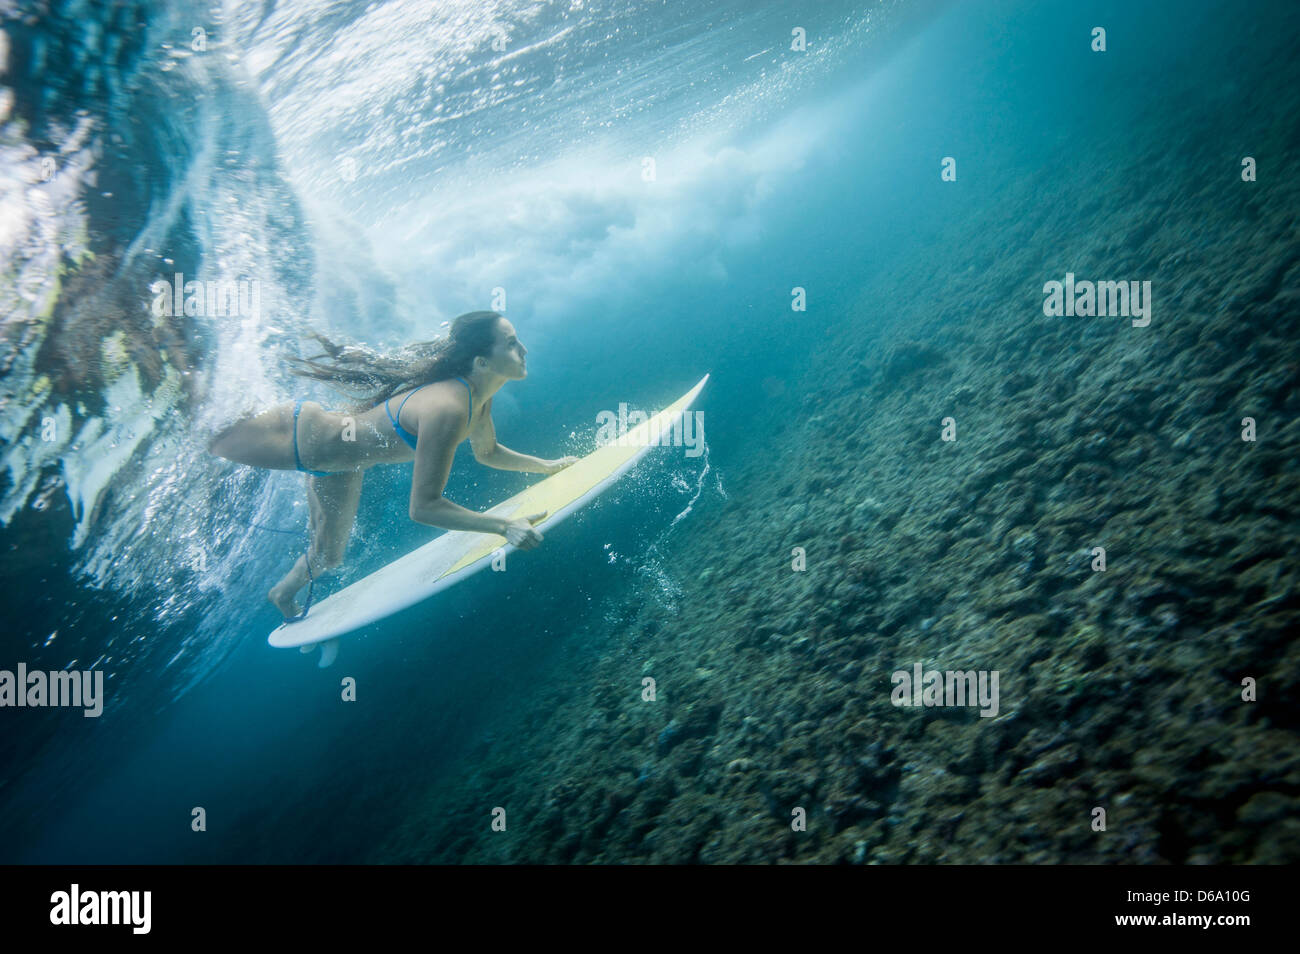 Surfista en onda de buceo bajo el agua Imagen De Stock